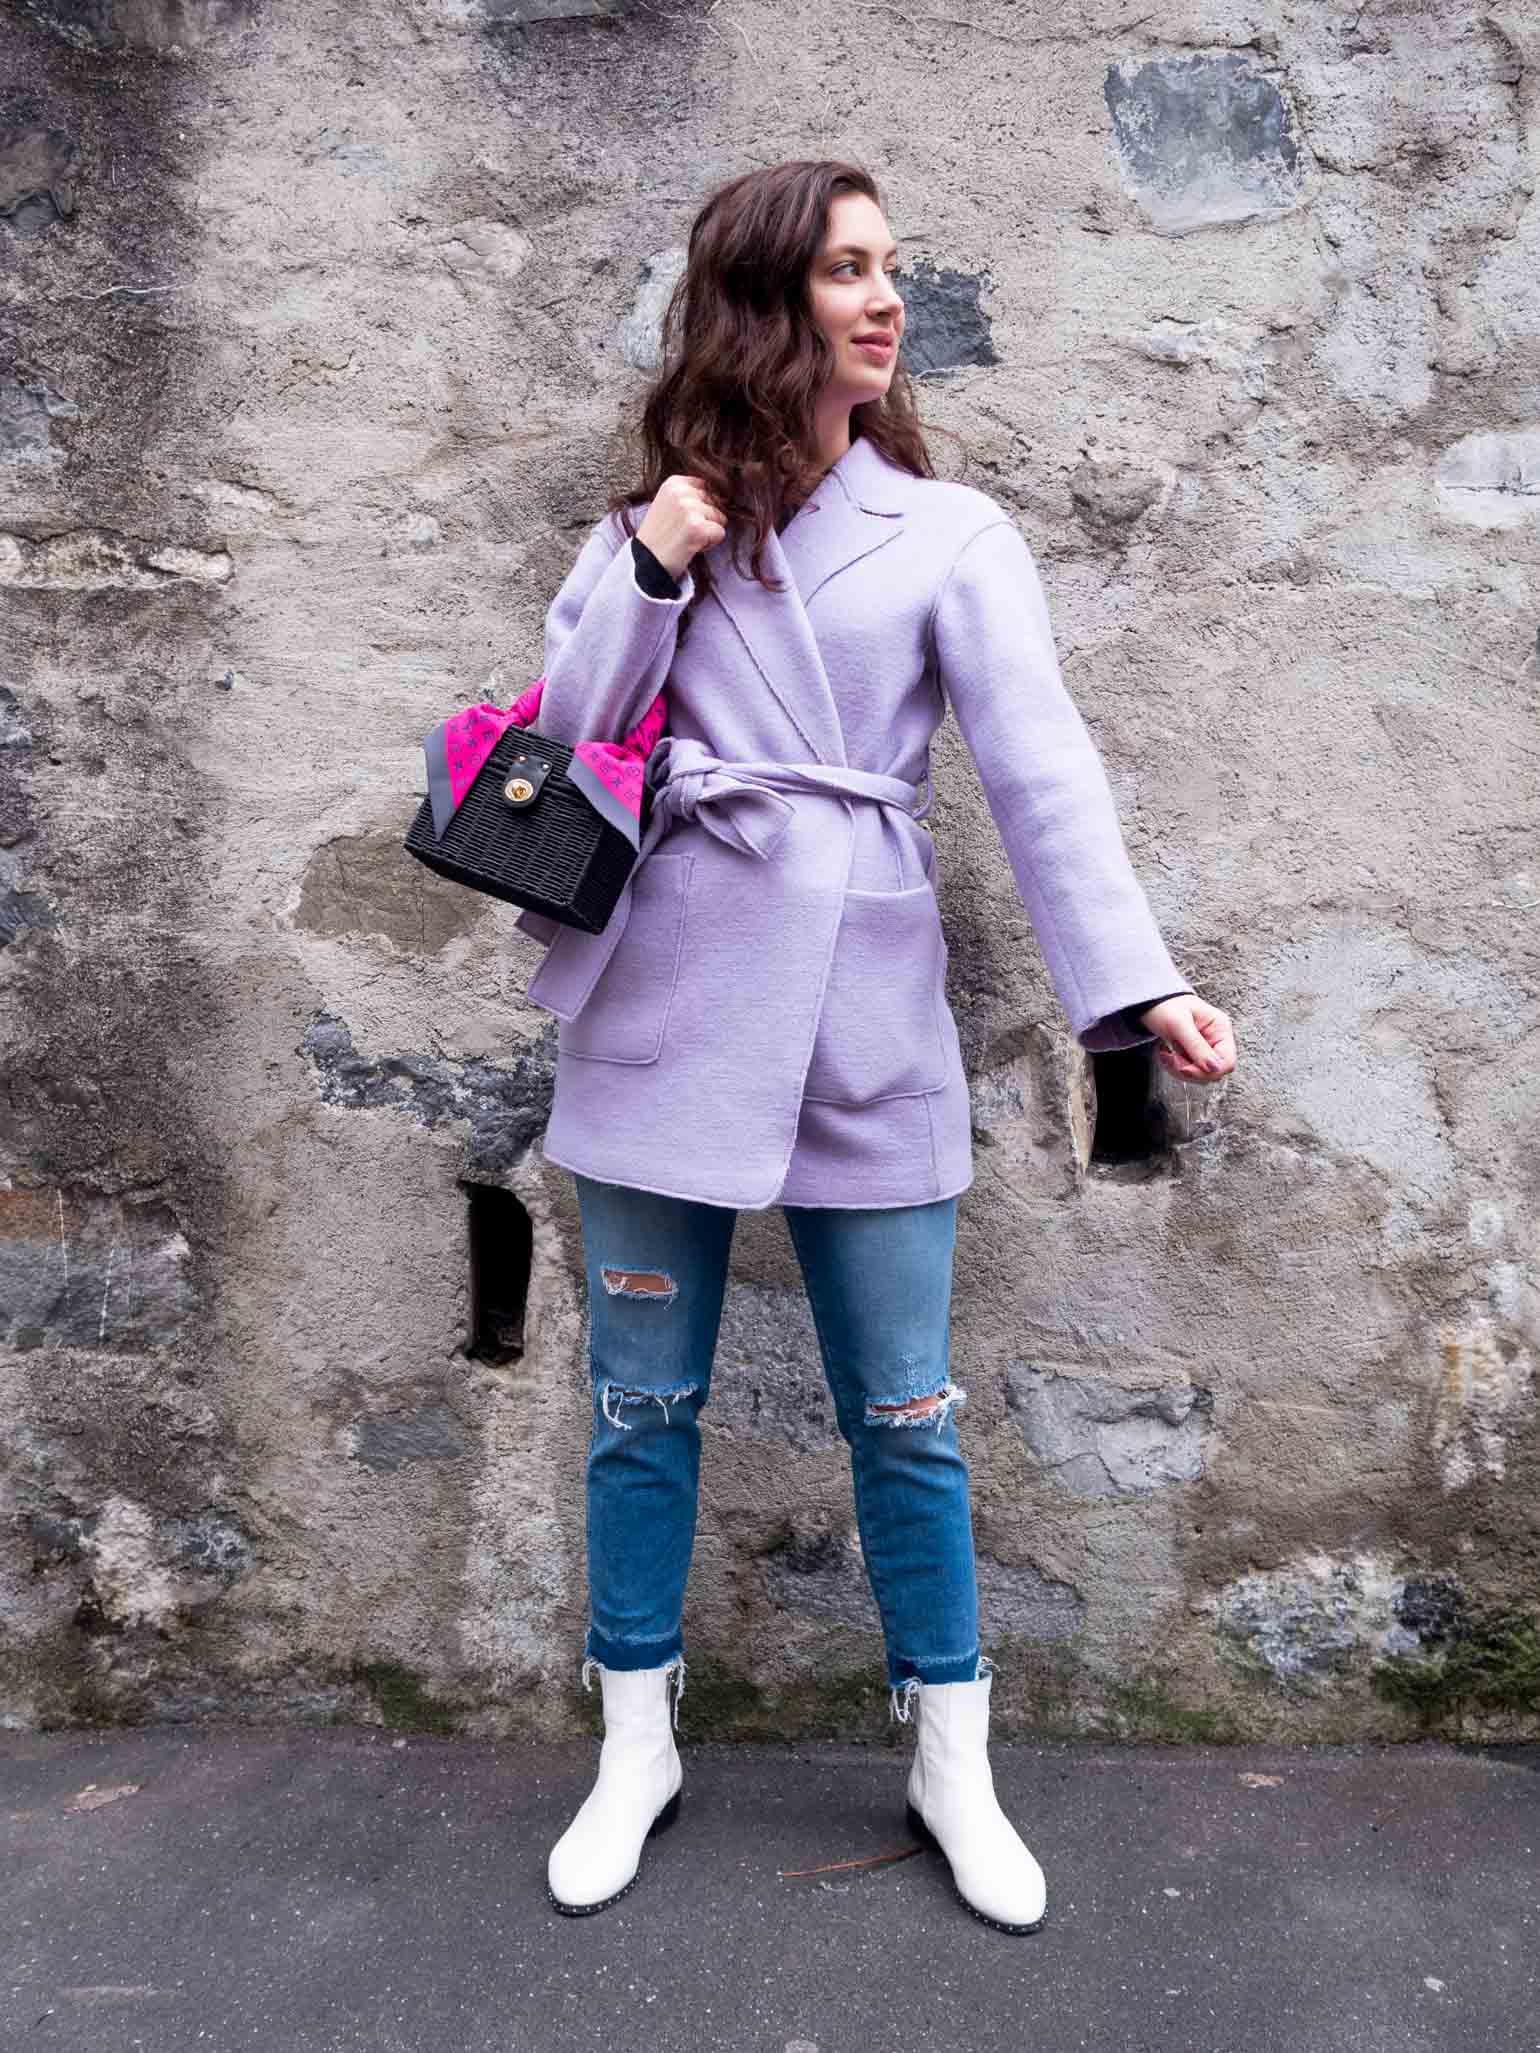 Wear a Woven in the Winter | Dallas fashion blogger